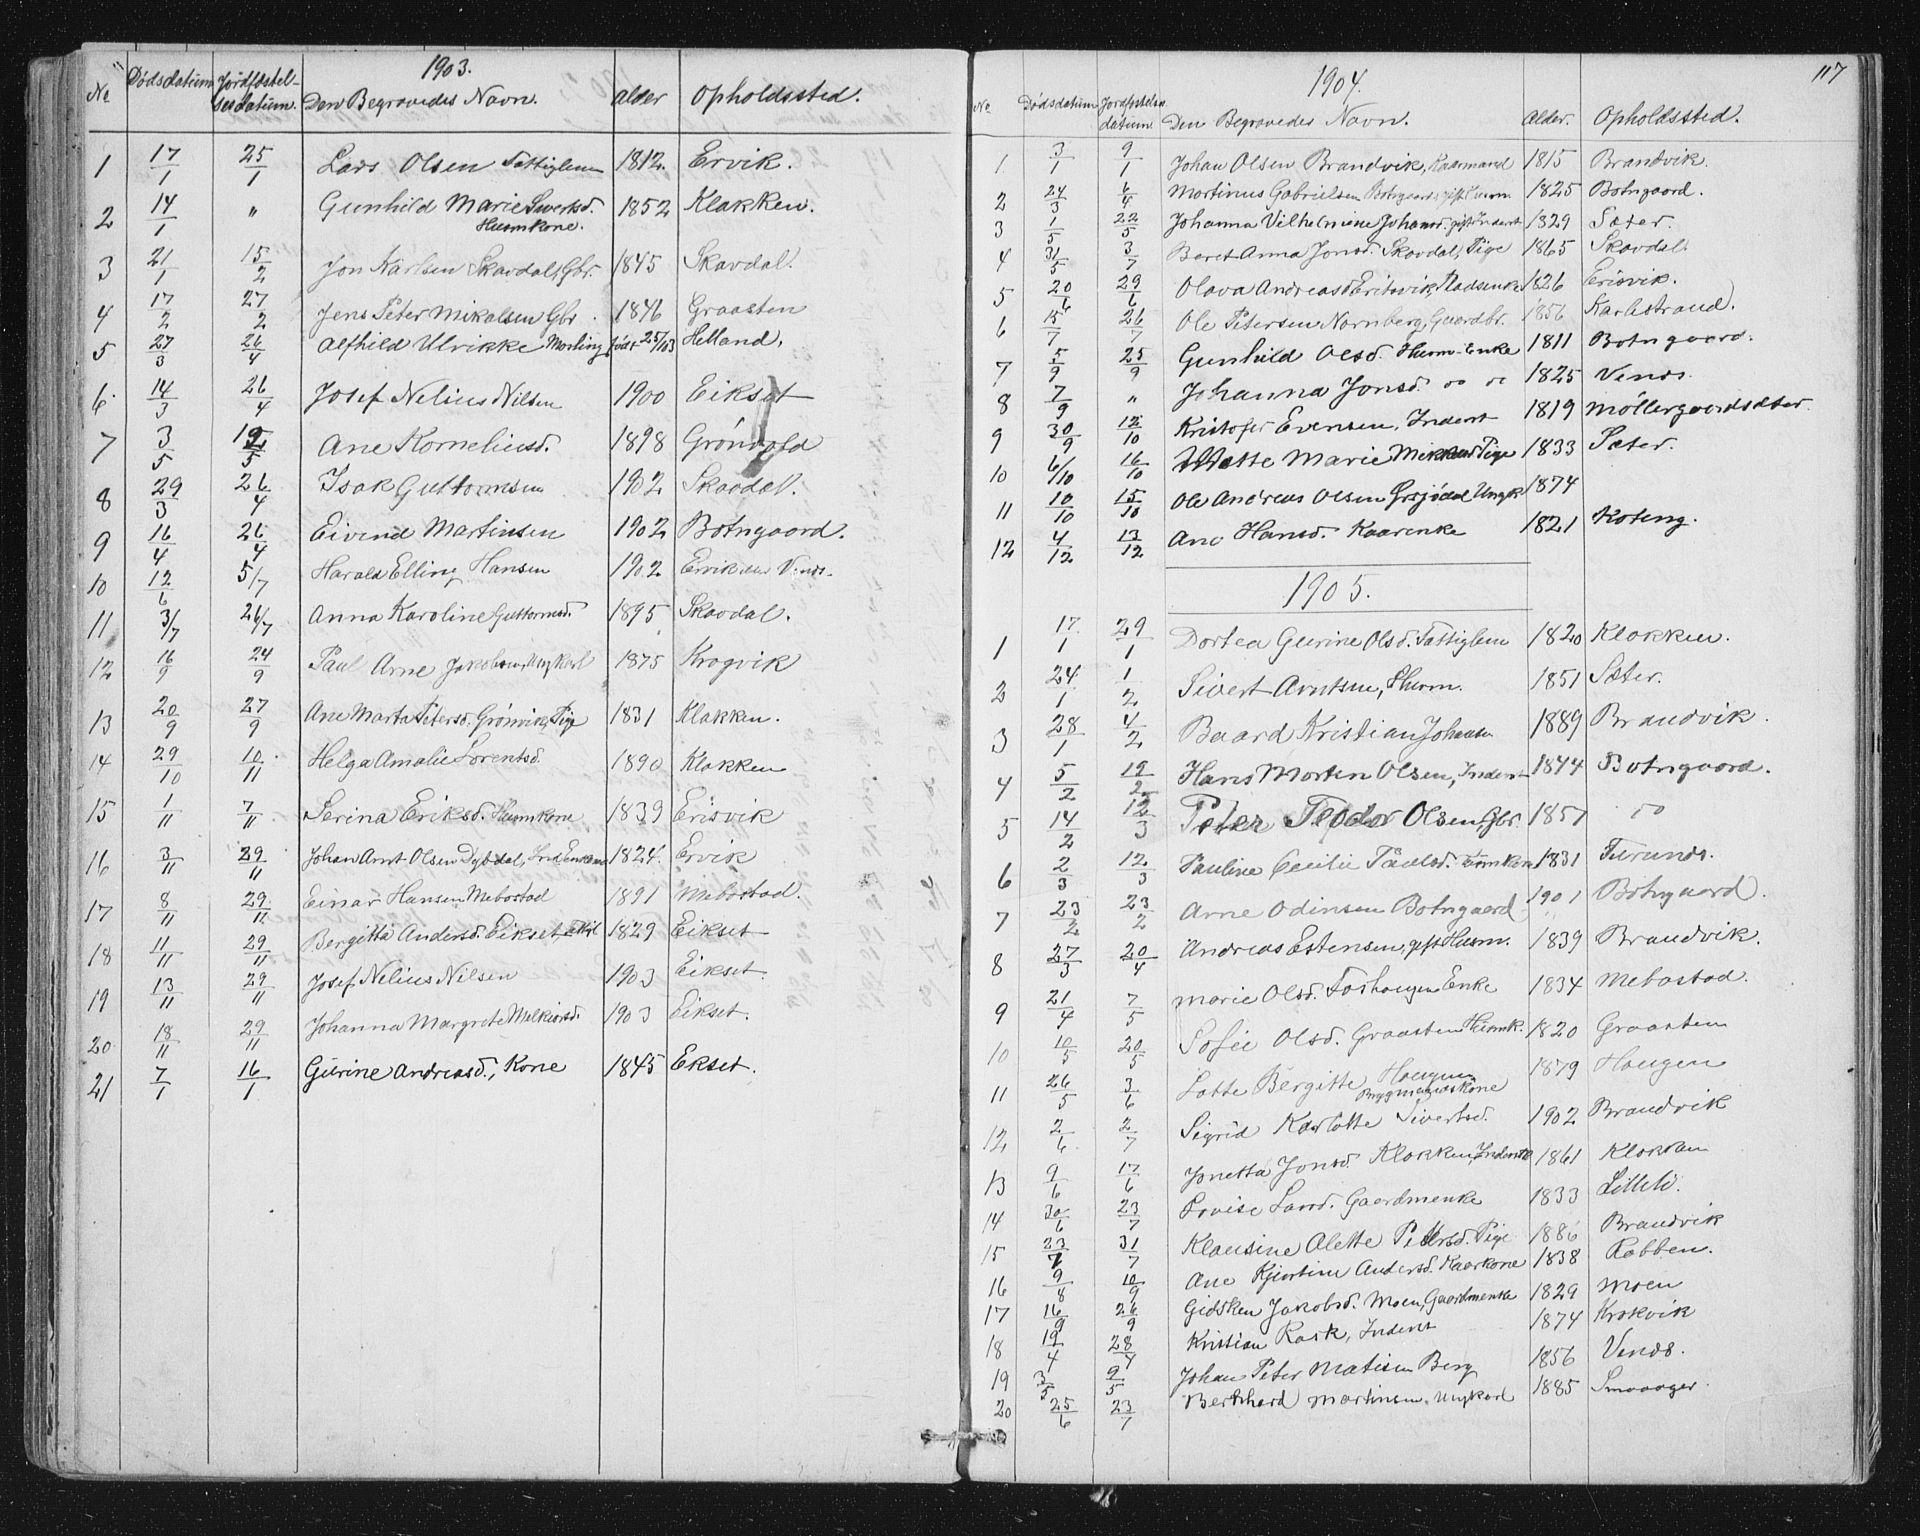 SAT, Ministerialprotokoller, klokkerbøker og fødselsregistre - Sør-Trøndelag, 651/L0647: Klokkerbok nr. 651C01, 1866-1914, s. 117